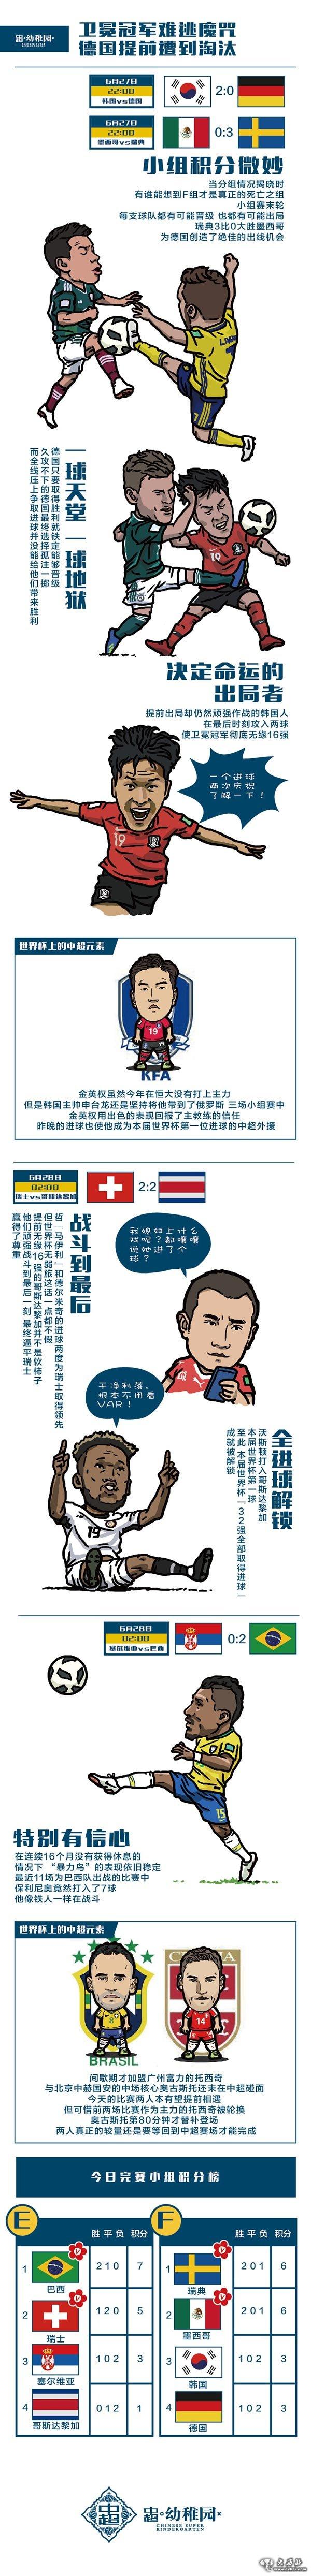 漫画世界杯:玩时时彩的经历,卫冕冠军难逃魔咒 德国提前遭到淘汰